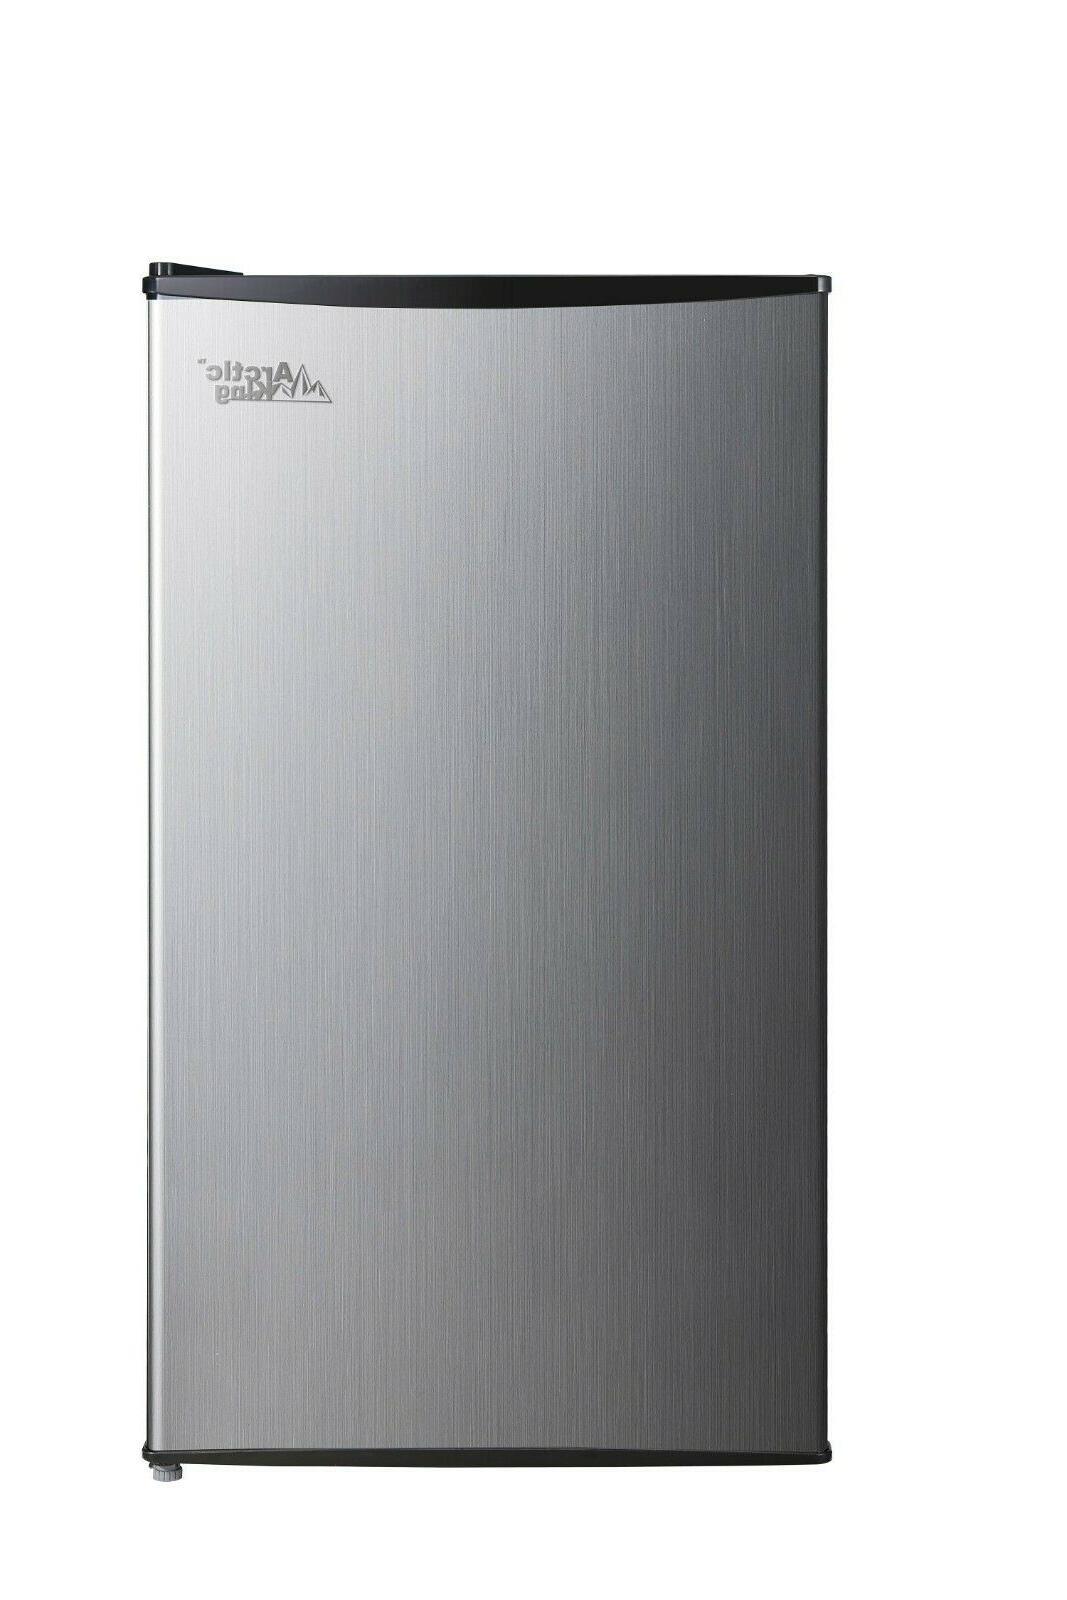 Mini Refrigerator Single Door Cu.ft